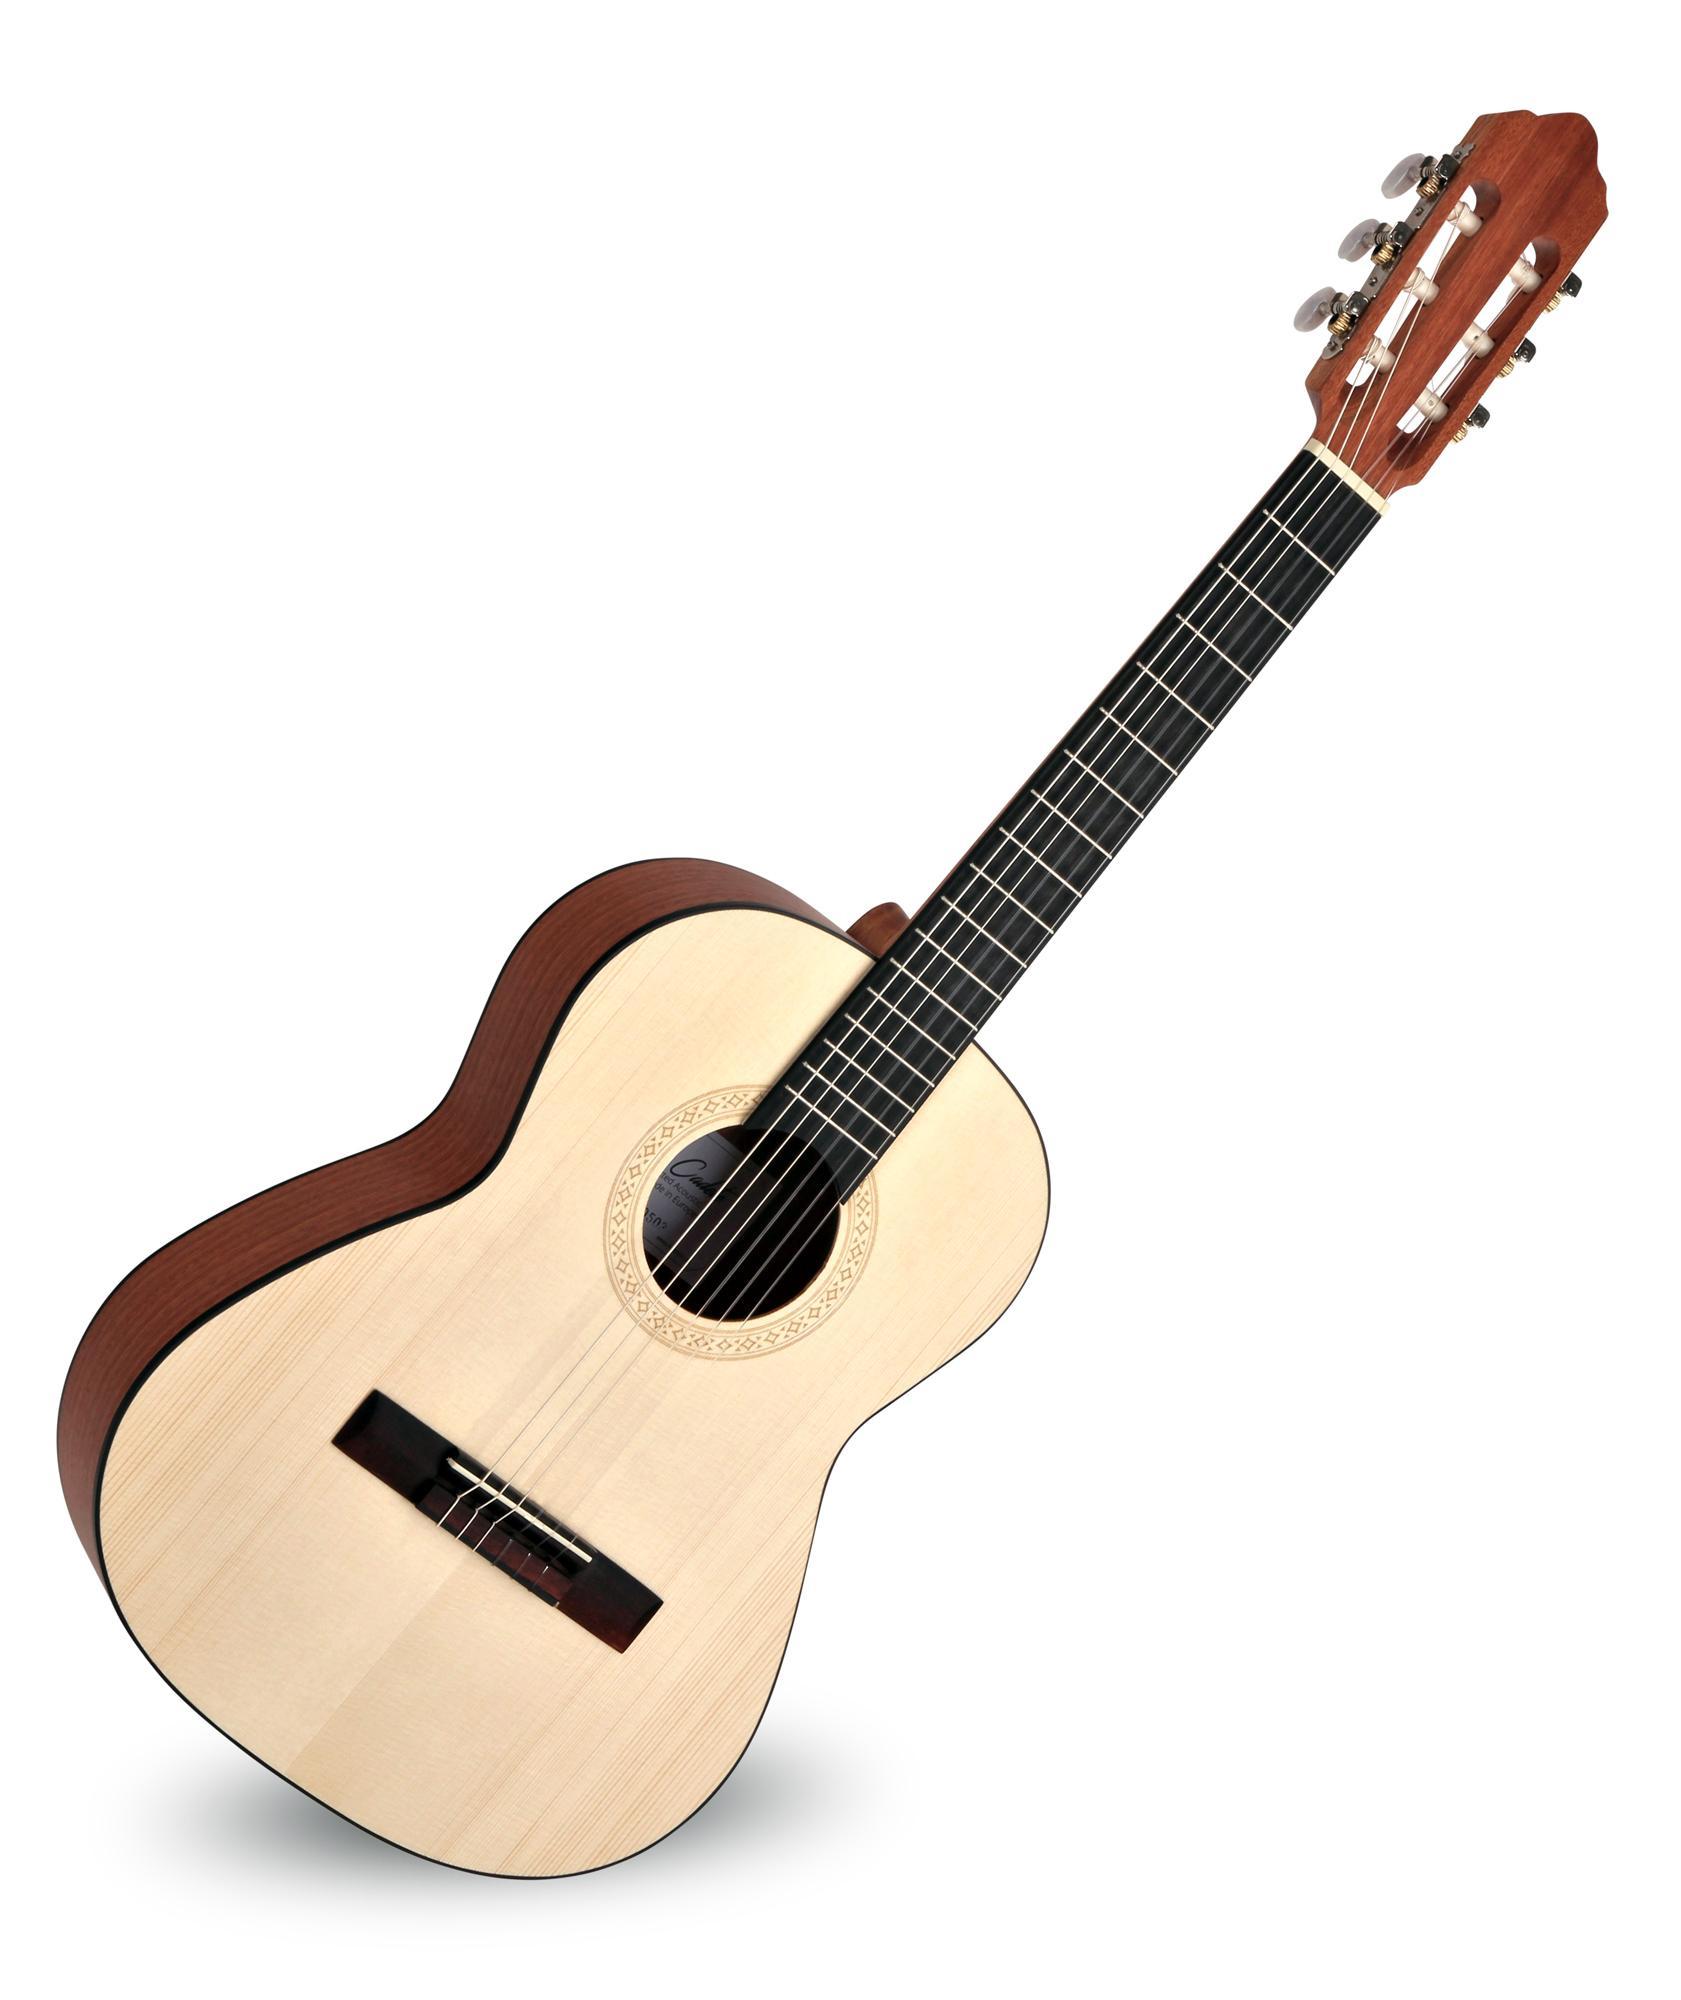 Calida Cadete Konzertgitarre 1|2 Fichte Matt Made in Portugal